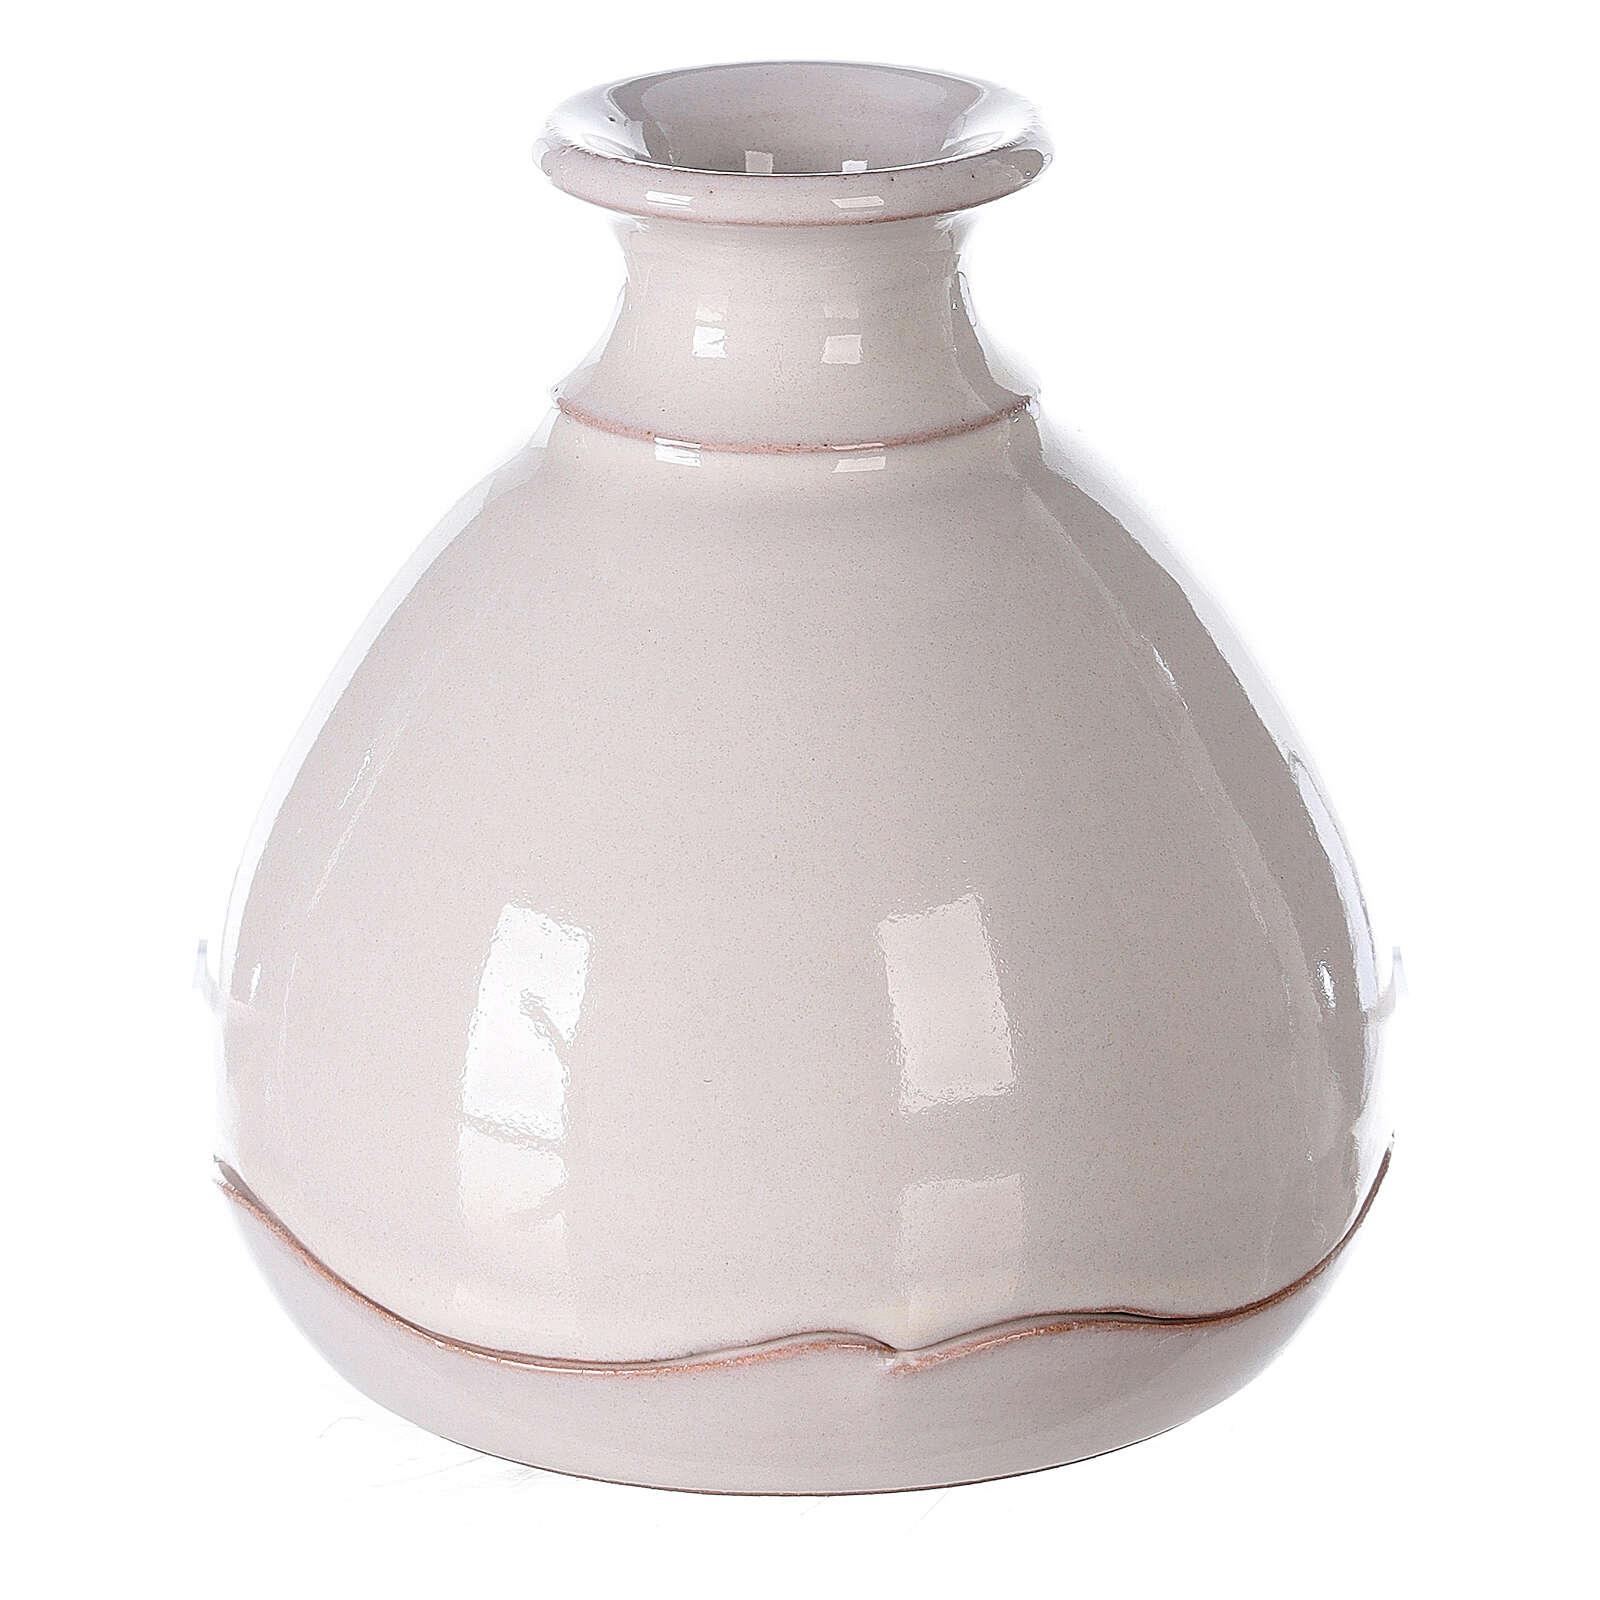 Nativité vase arrondi ouvrant bicolore Deruta 10 cm 4